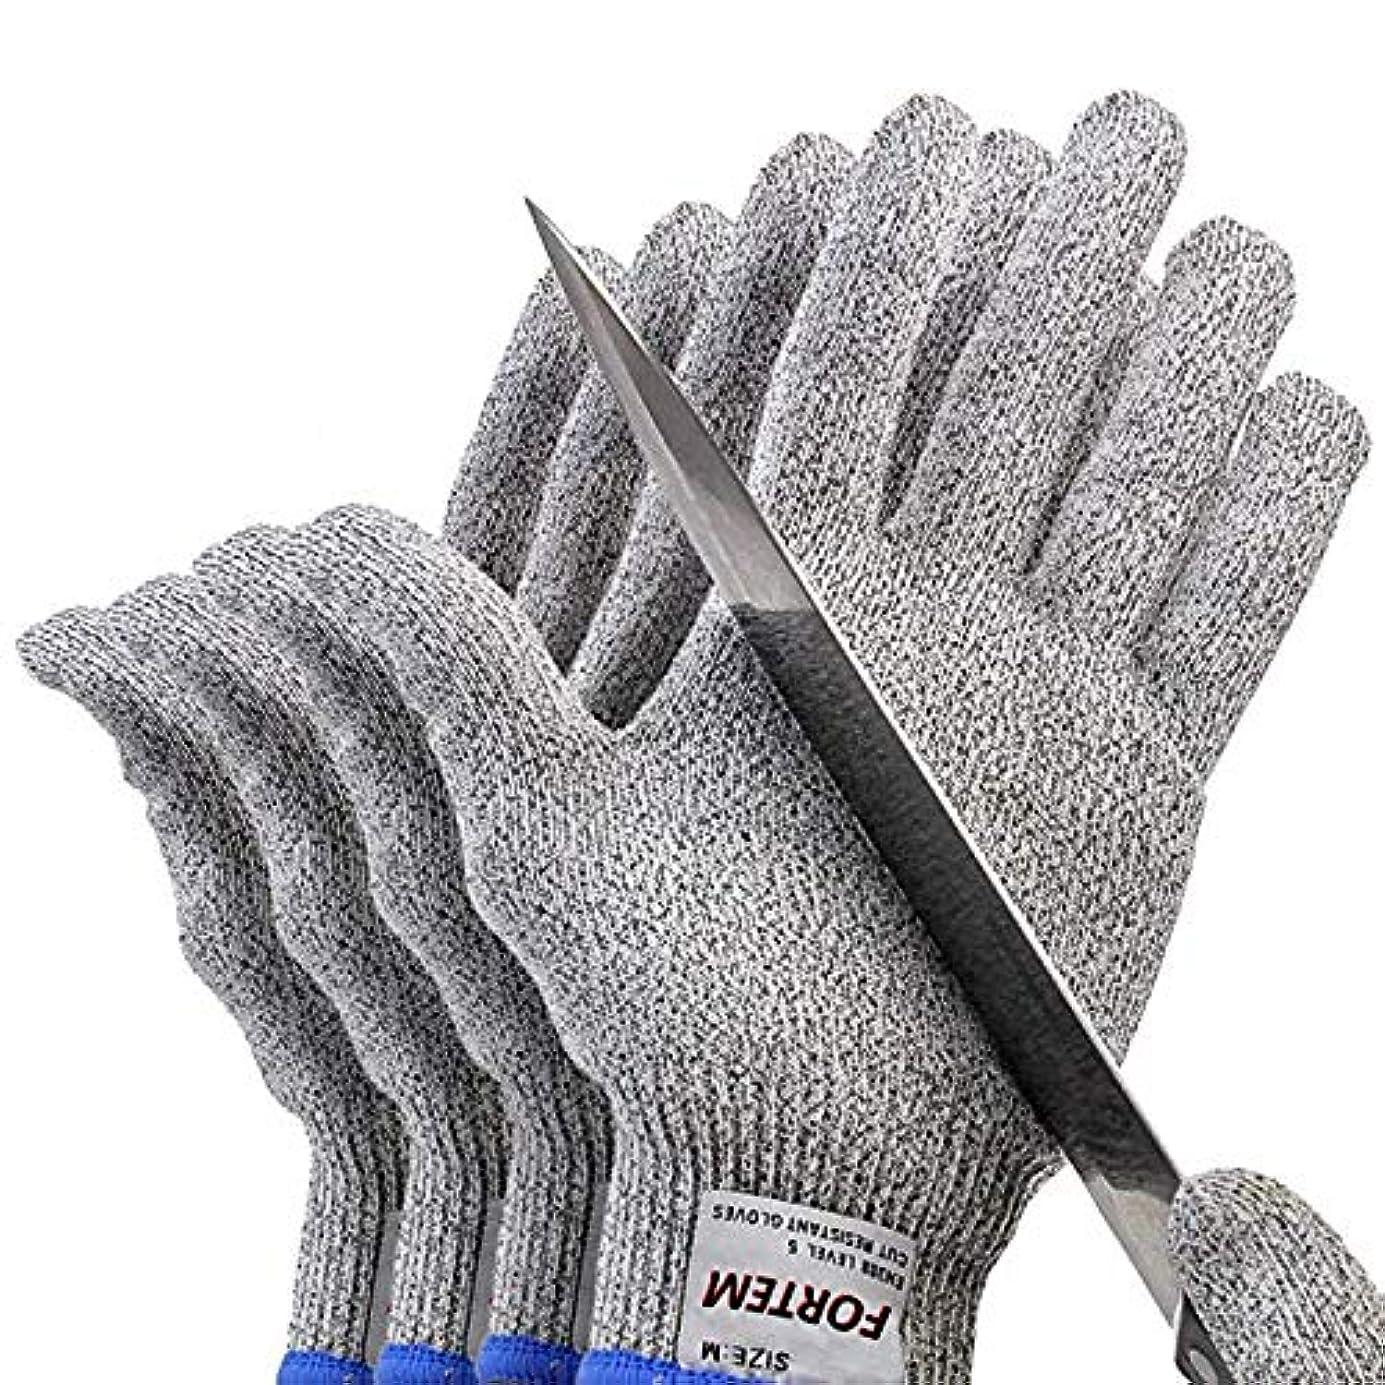 もつれ想定フレキシブルカット性手袋、レベル5の保護、食品グレード、EN388認定(2ペア),S